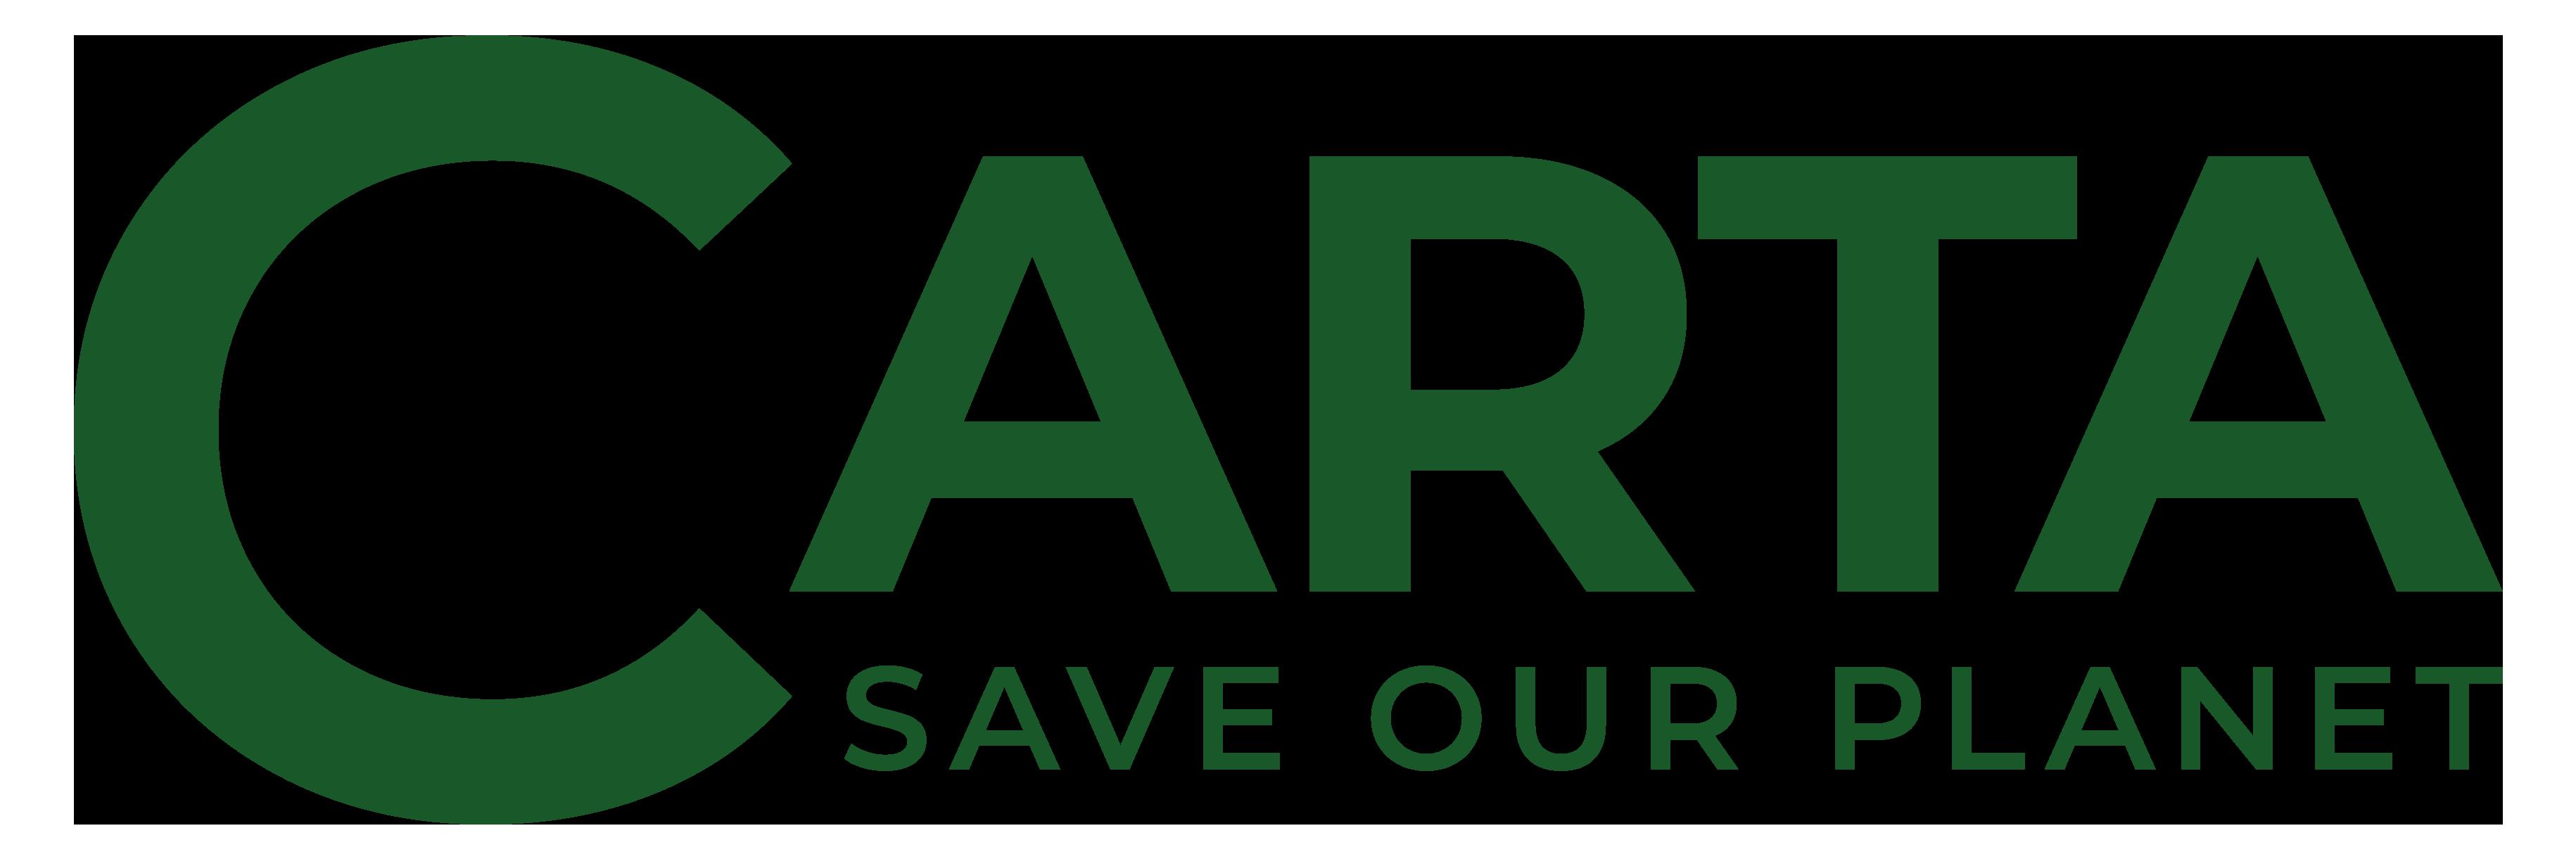 Logo Carta Ethical Clothing